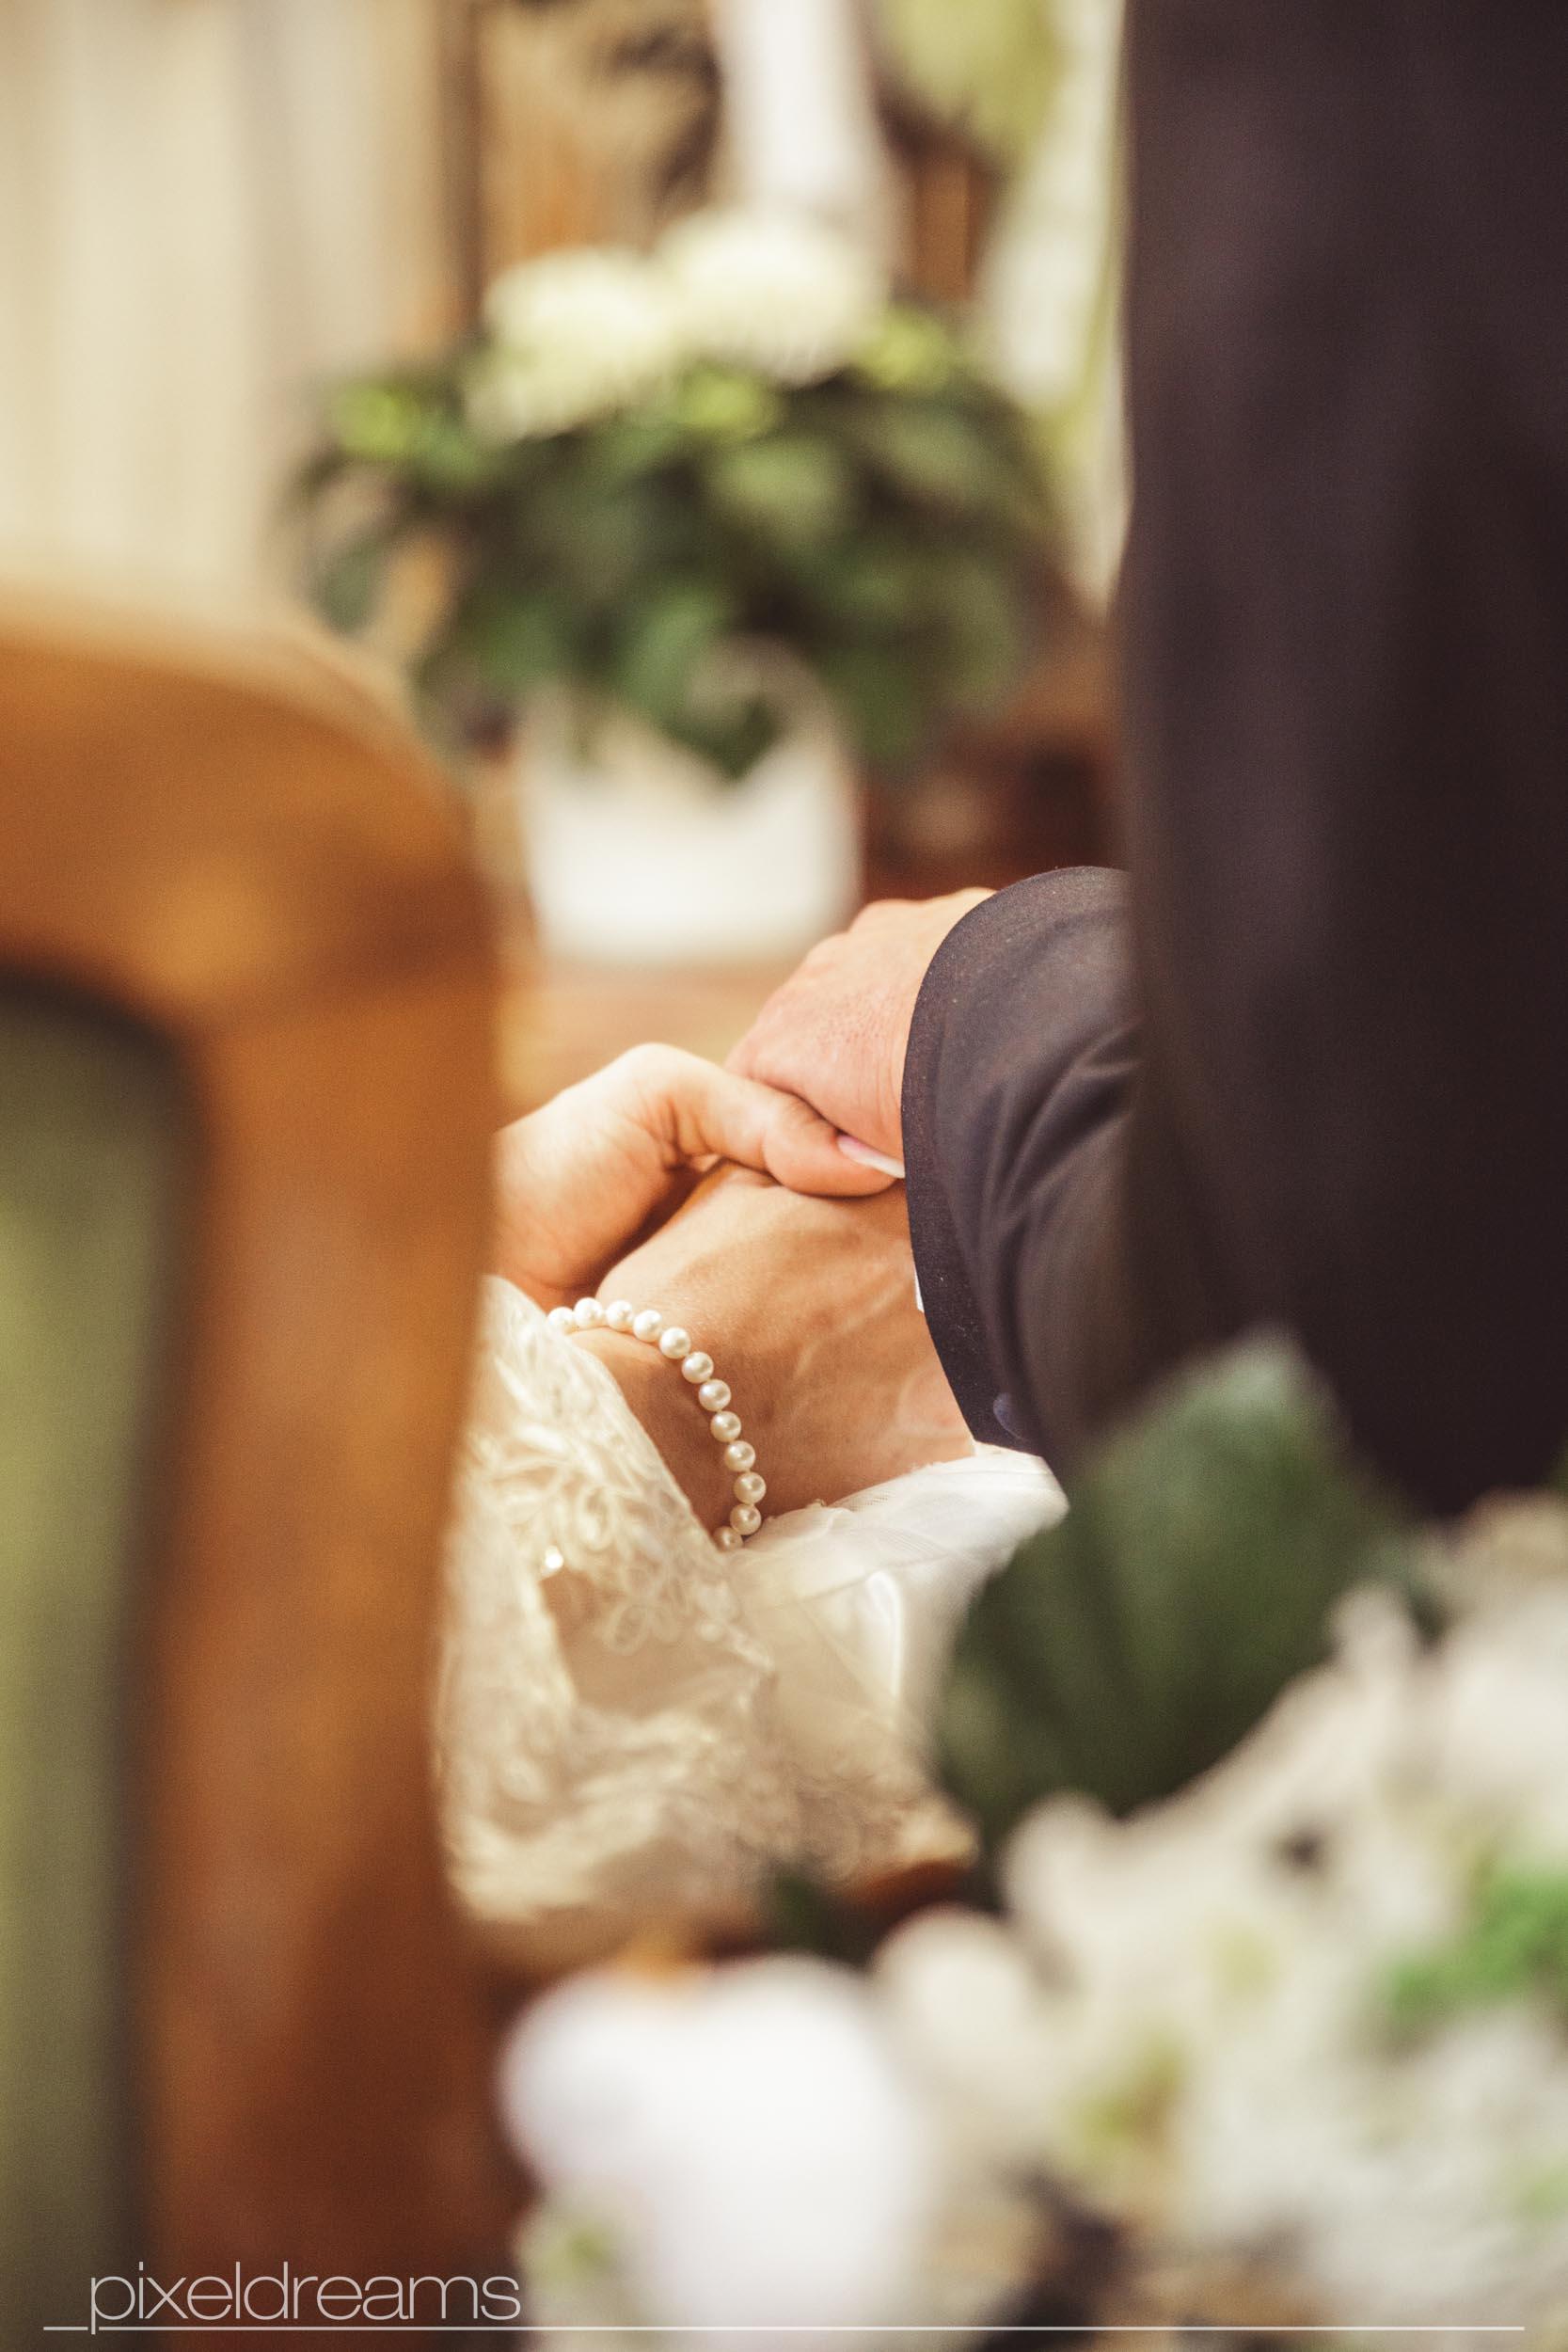 Detailaufnahme des Händchenhaltenden Brautpaares. Der Altar der St. Antoniuskirche Swisttal ist in der Tiefenunschärfe zu sehen.